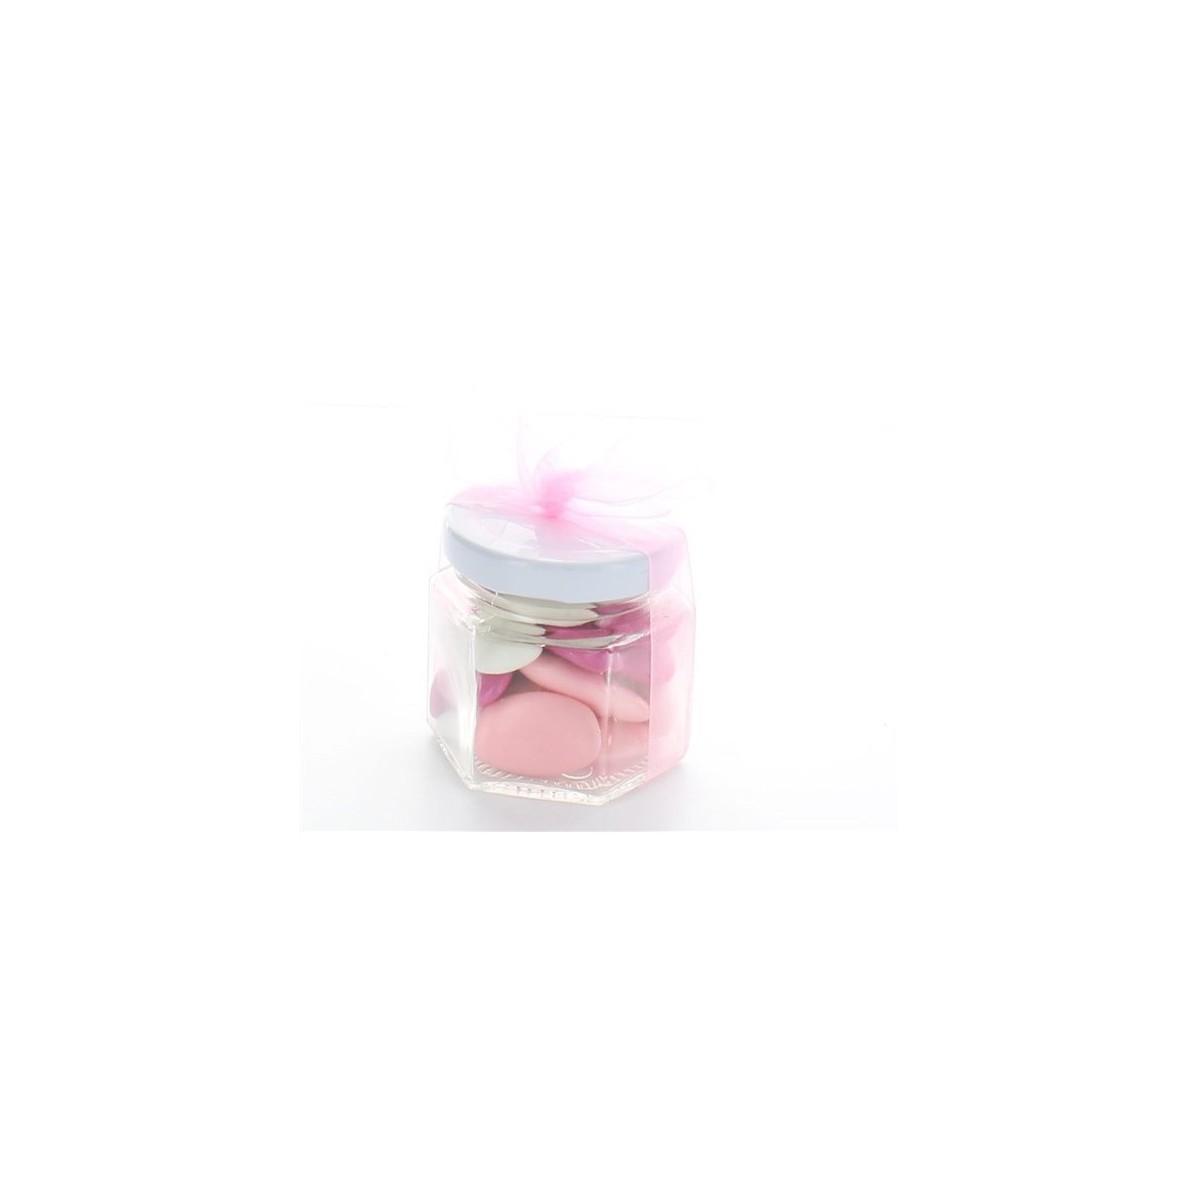 Mini Pot Confiture Couvercle Blanc